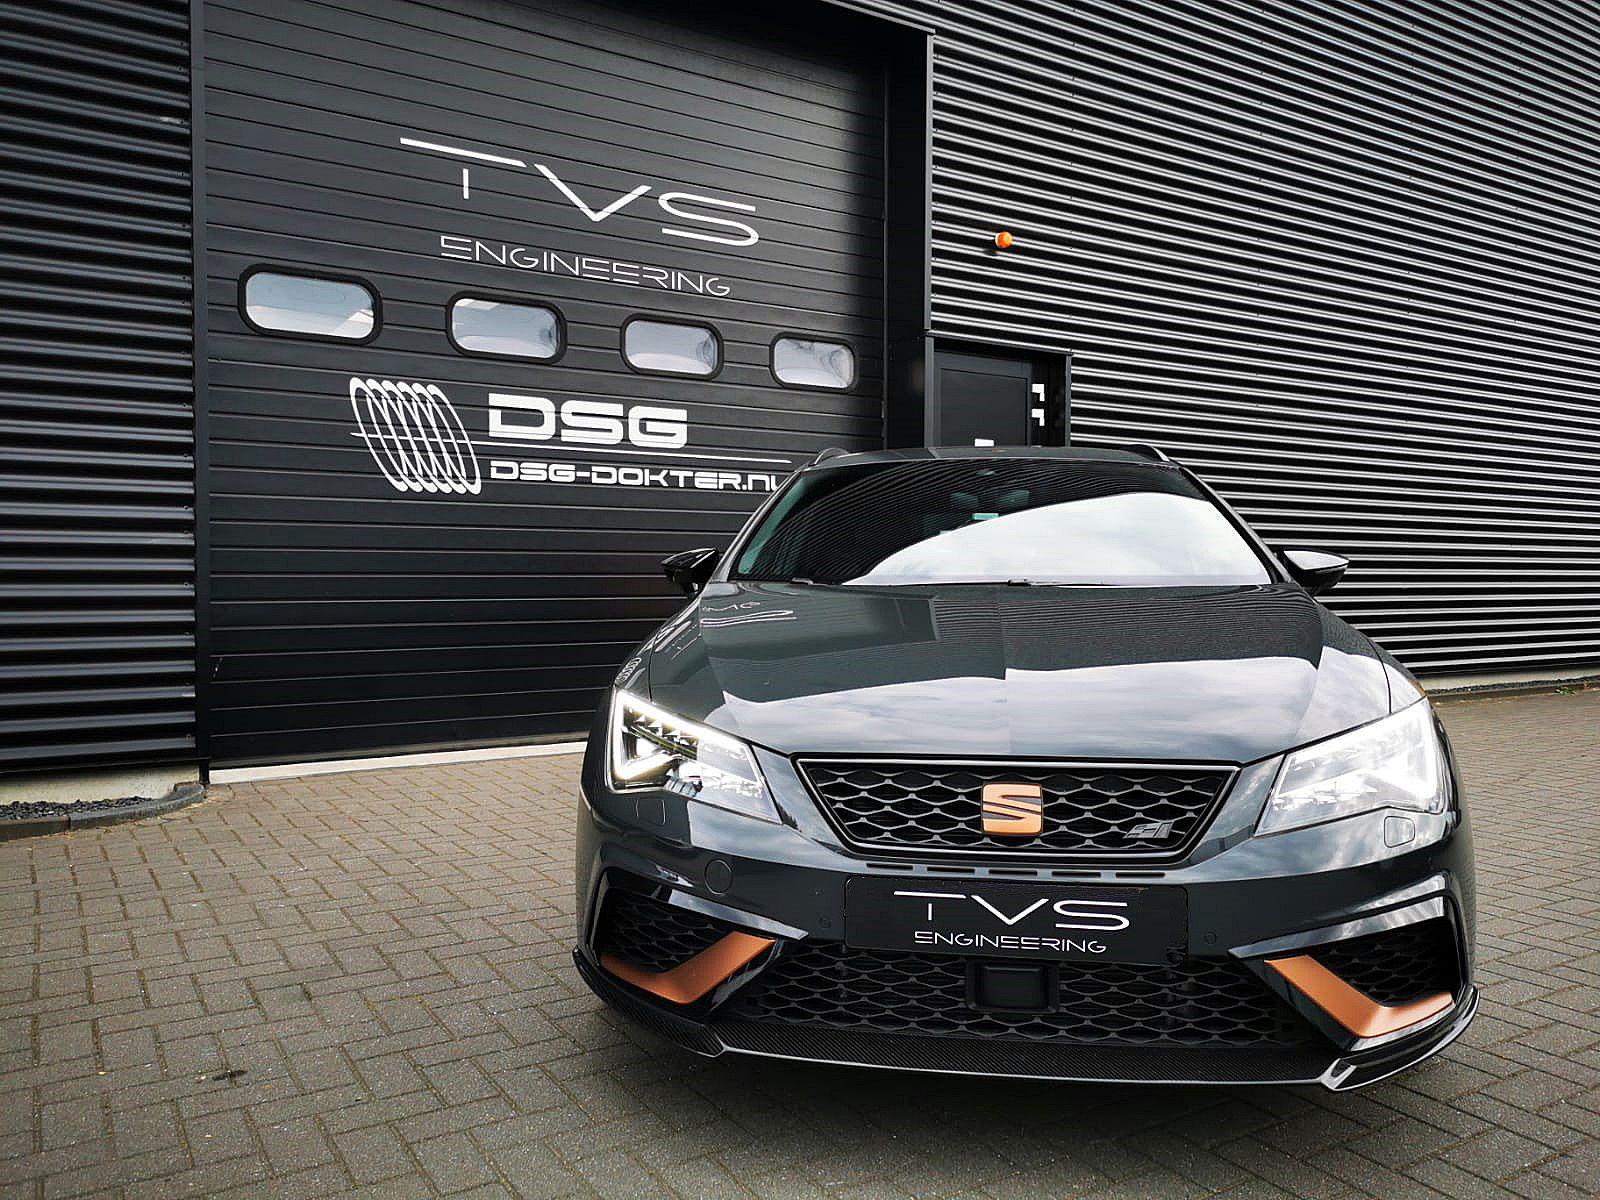 Car at TVS, front (rev 01) WhatsApp Image 2020-09-25 at 10.01.27 (7).jpg